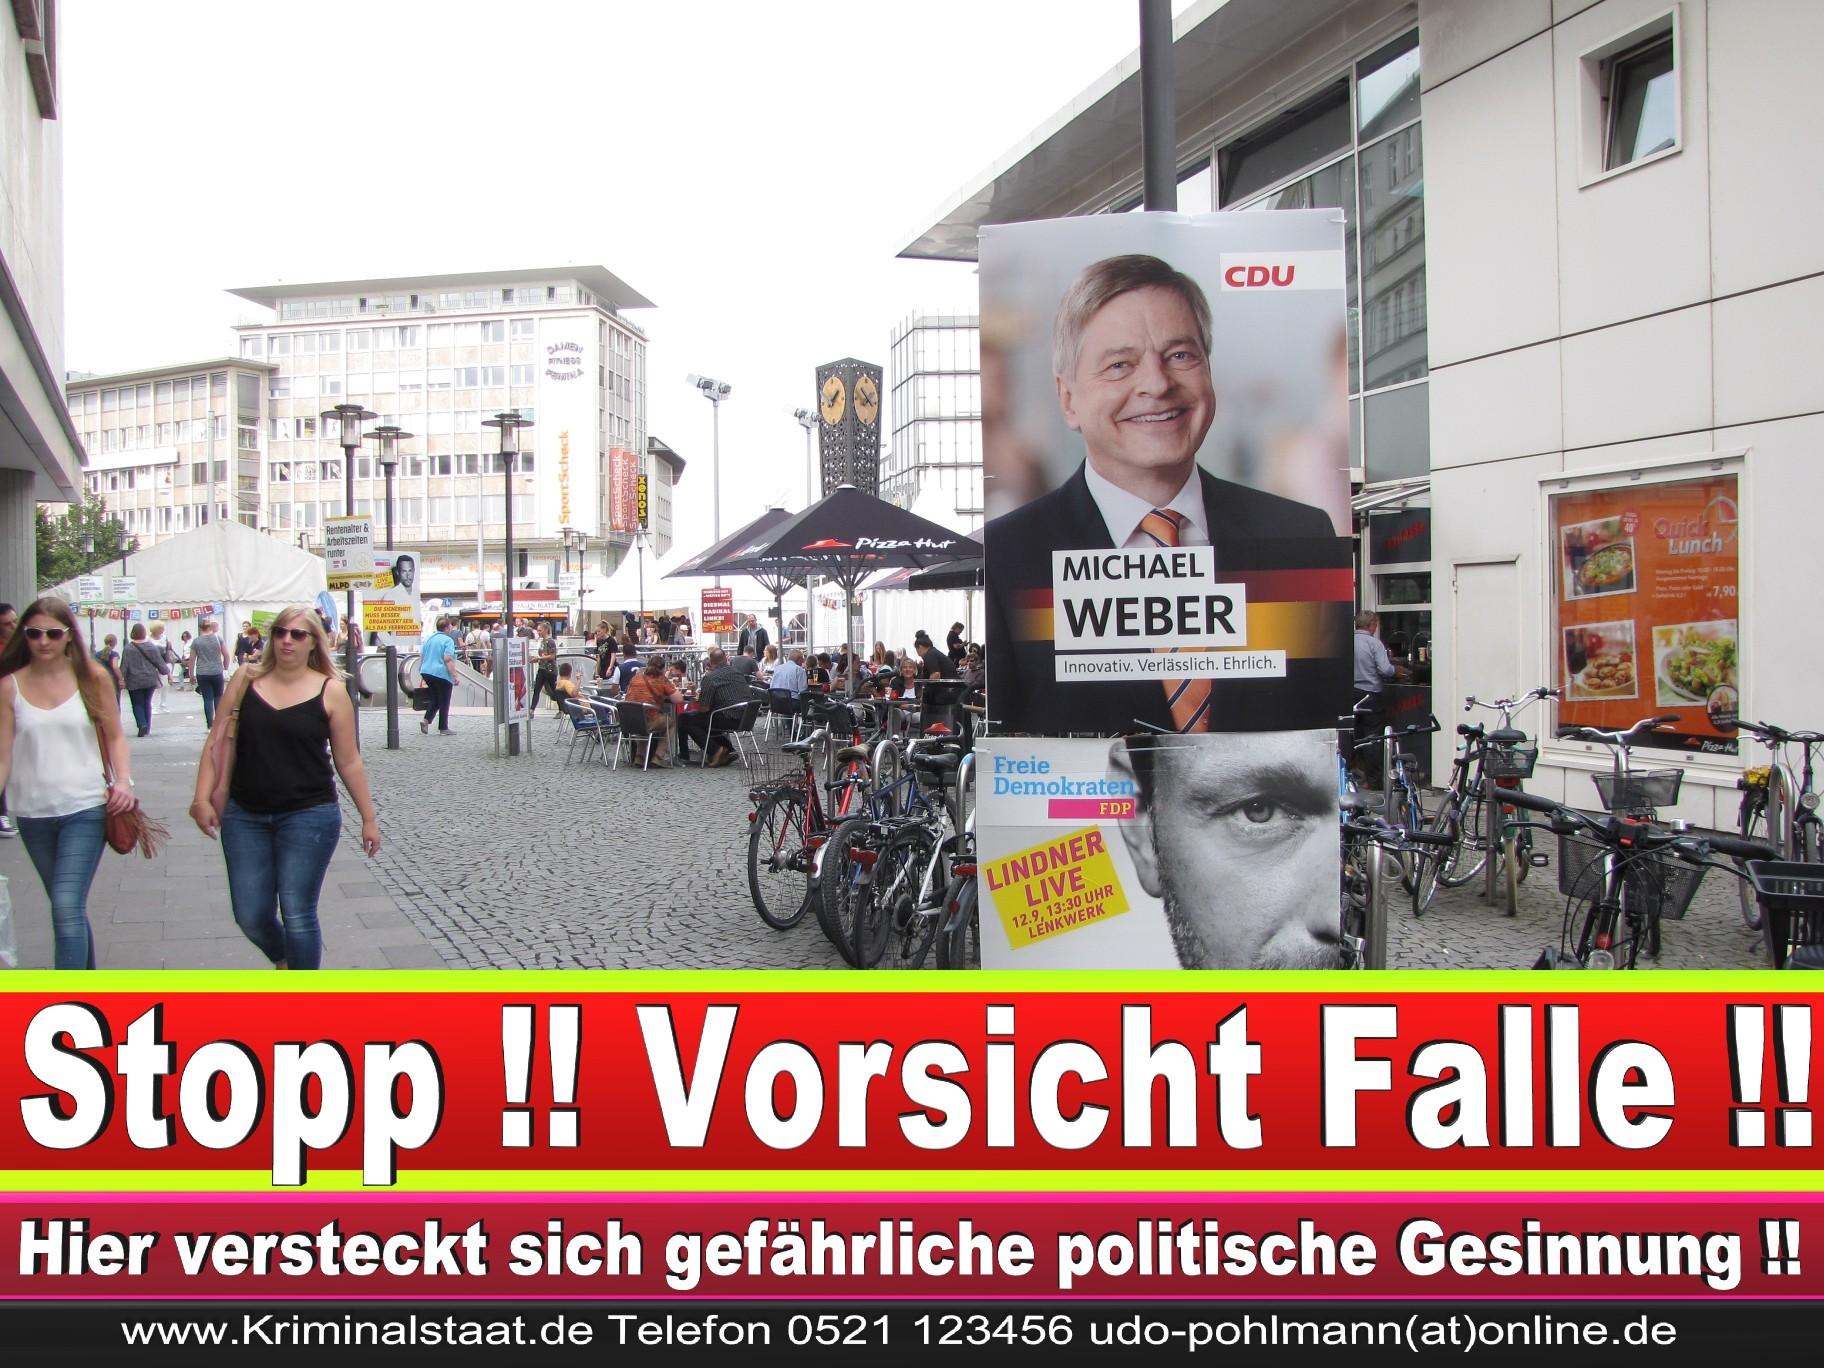 Wahlwerbung Wahlplakate Landtagswahl 2019 Europawahl CDU SPD FDP 2021 (46)